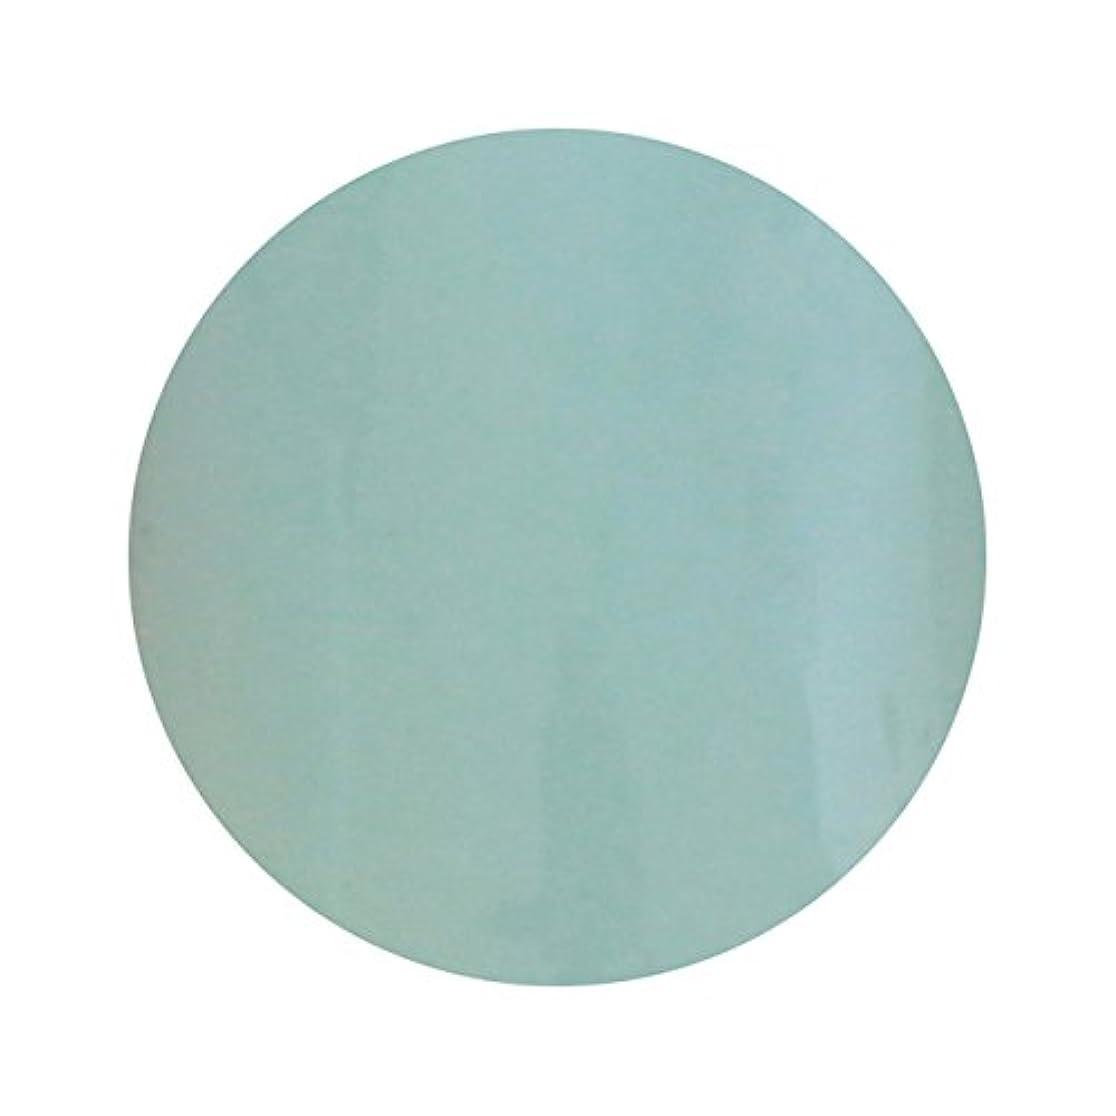 マリナーゴール不忠T-GEL COLLECTION ティージェル カラージェル D210 ペールブルー 4ml